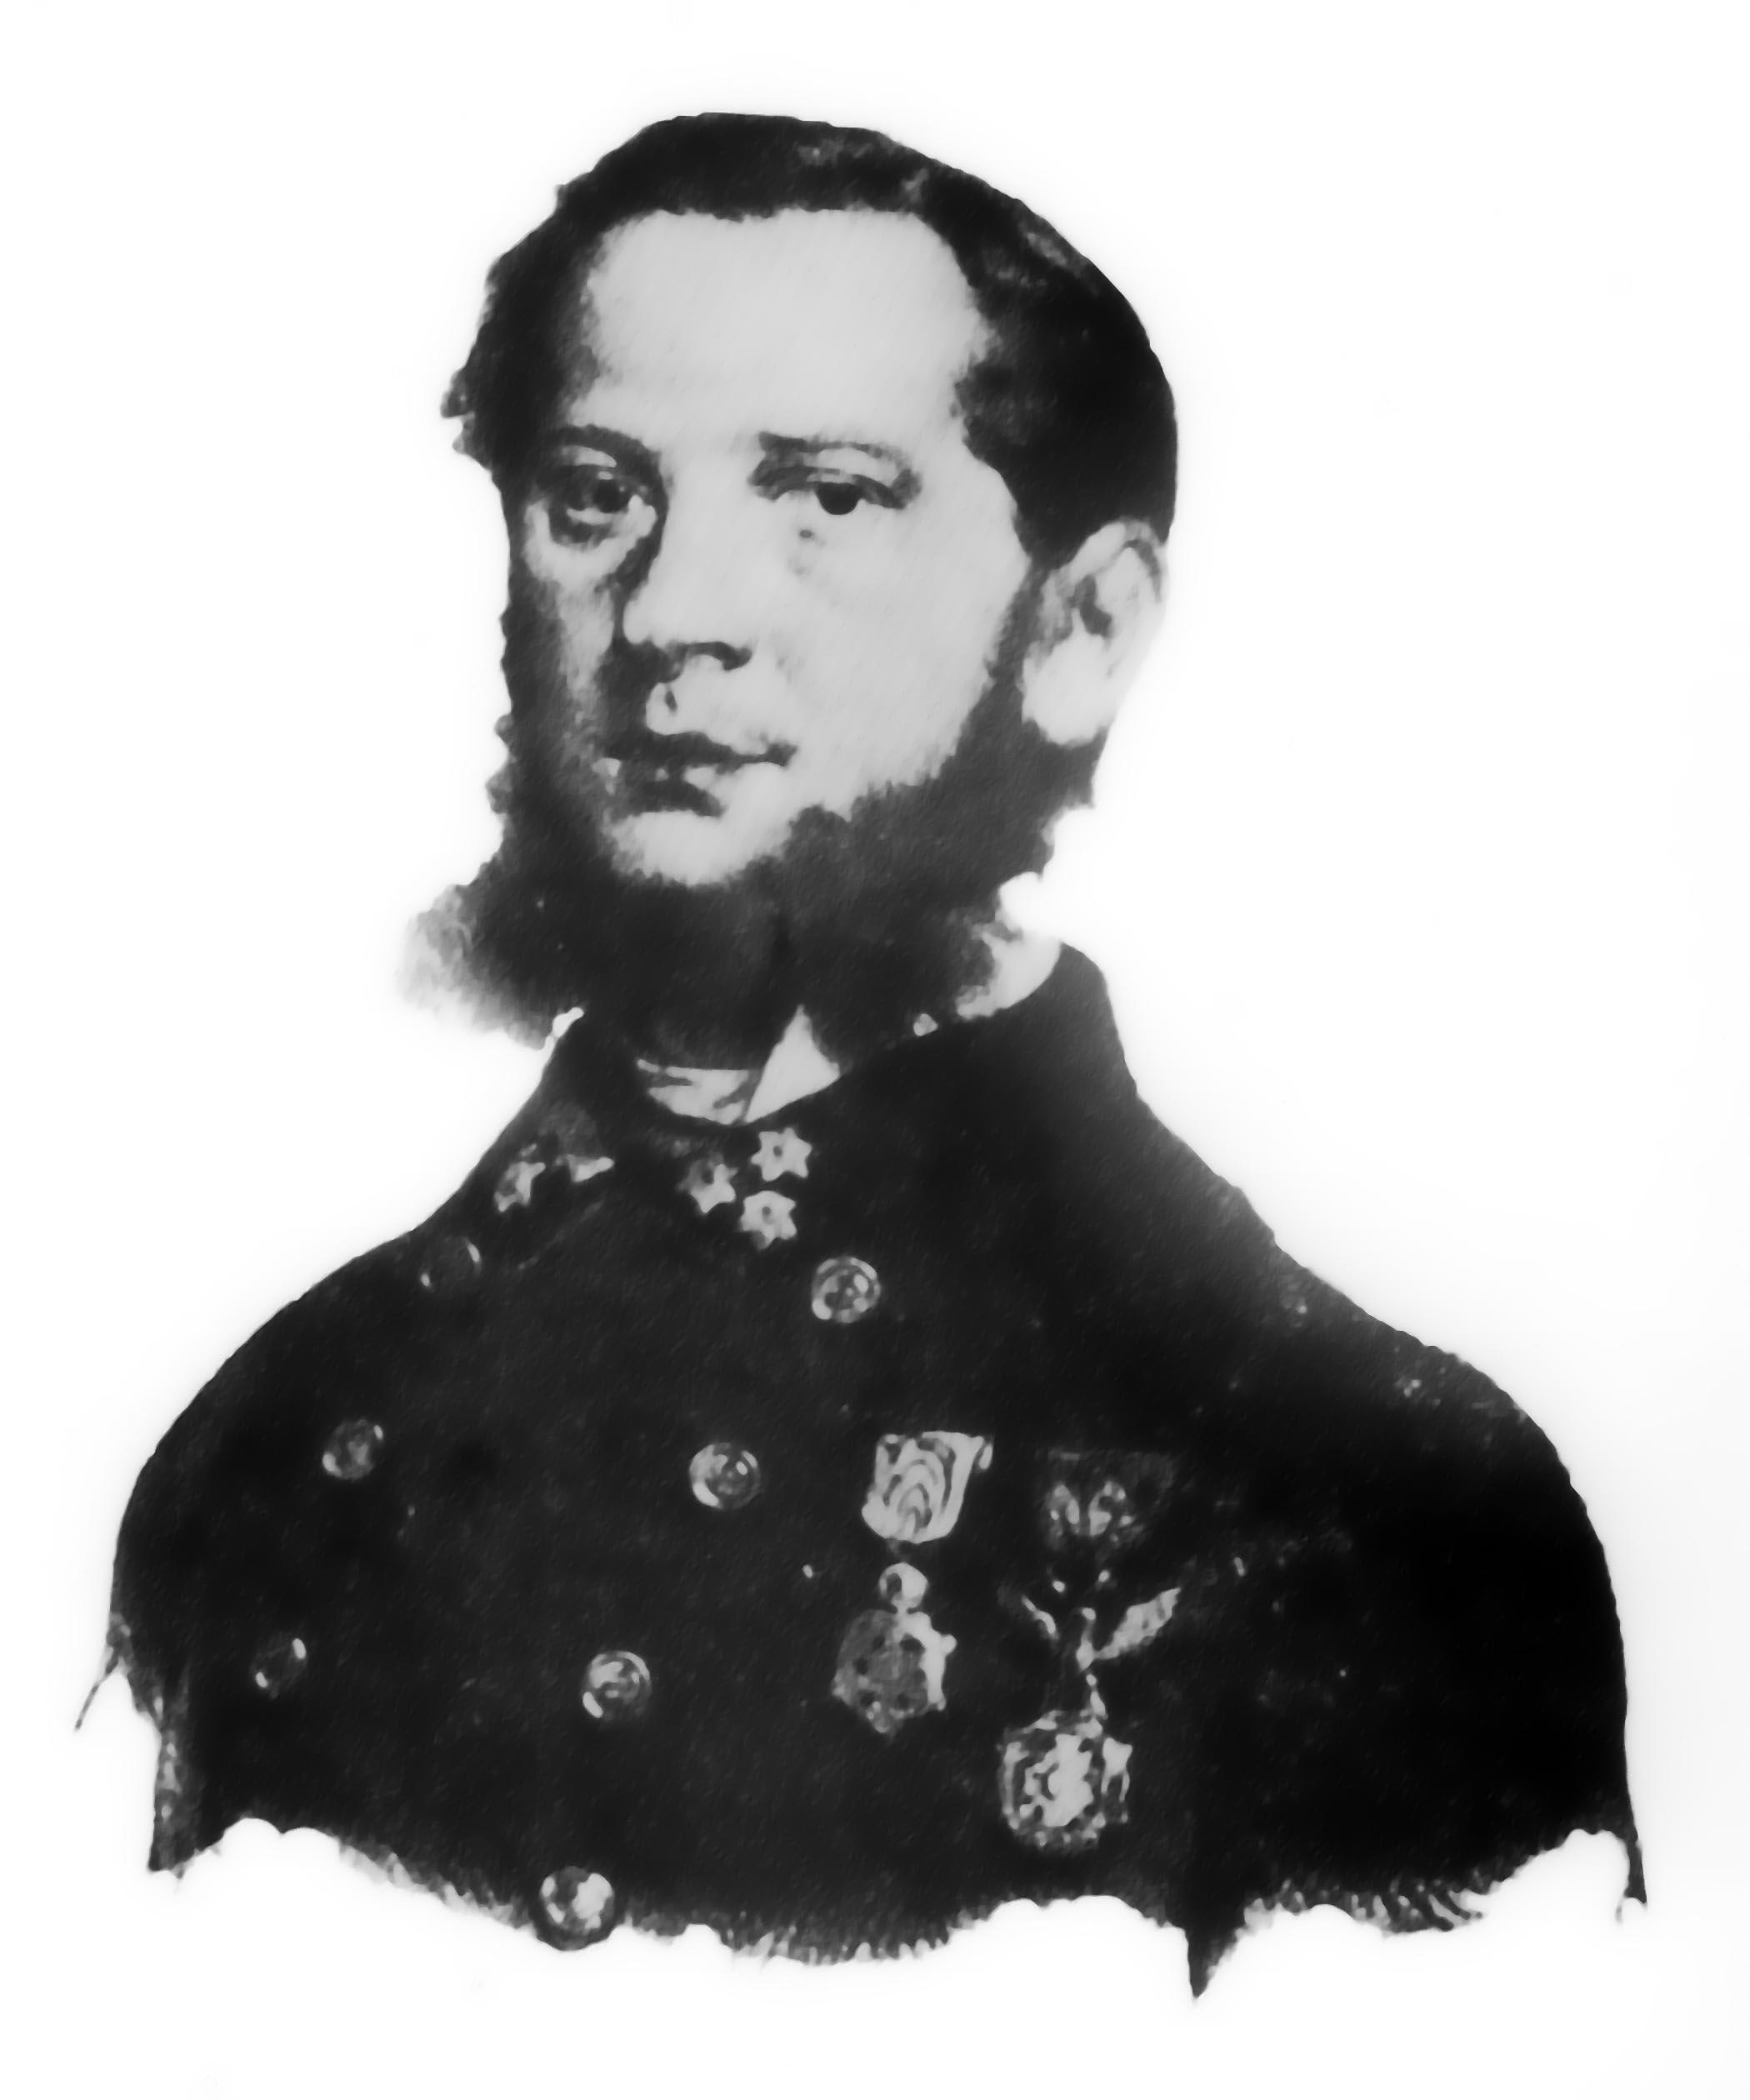 Depiction of Heinrich Wawra von Fernsee